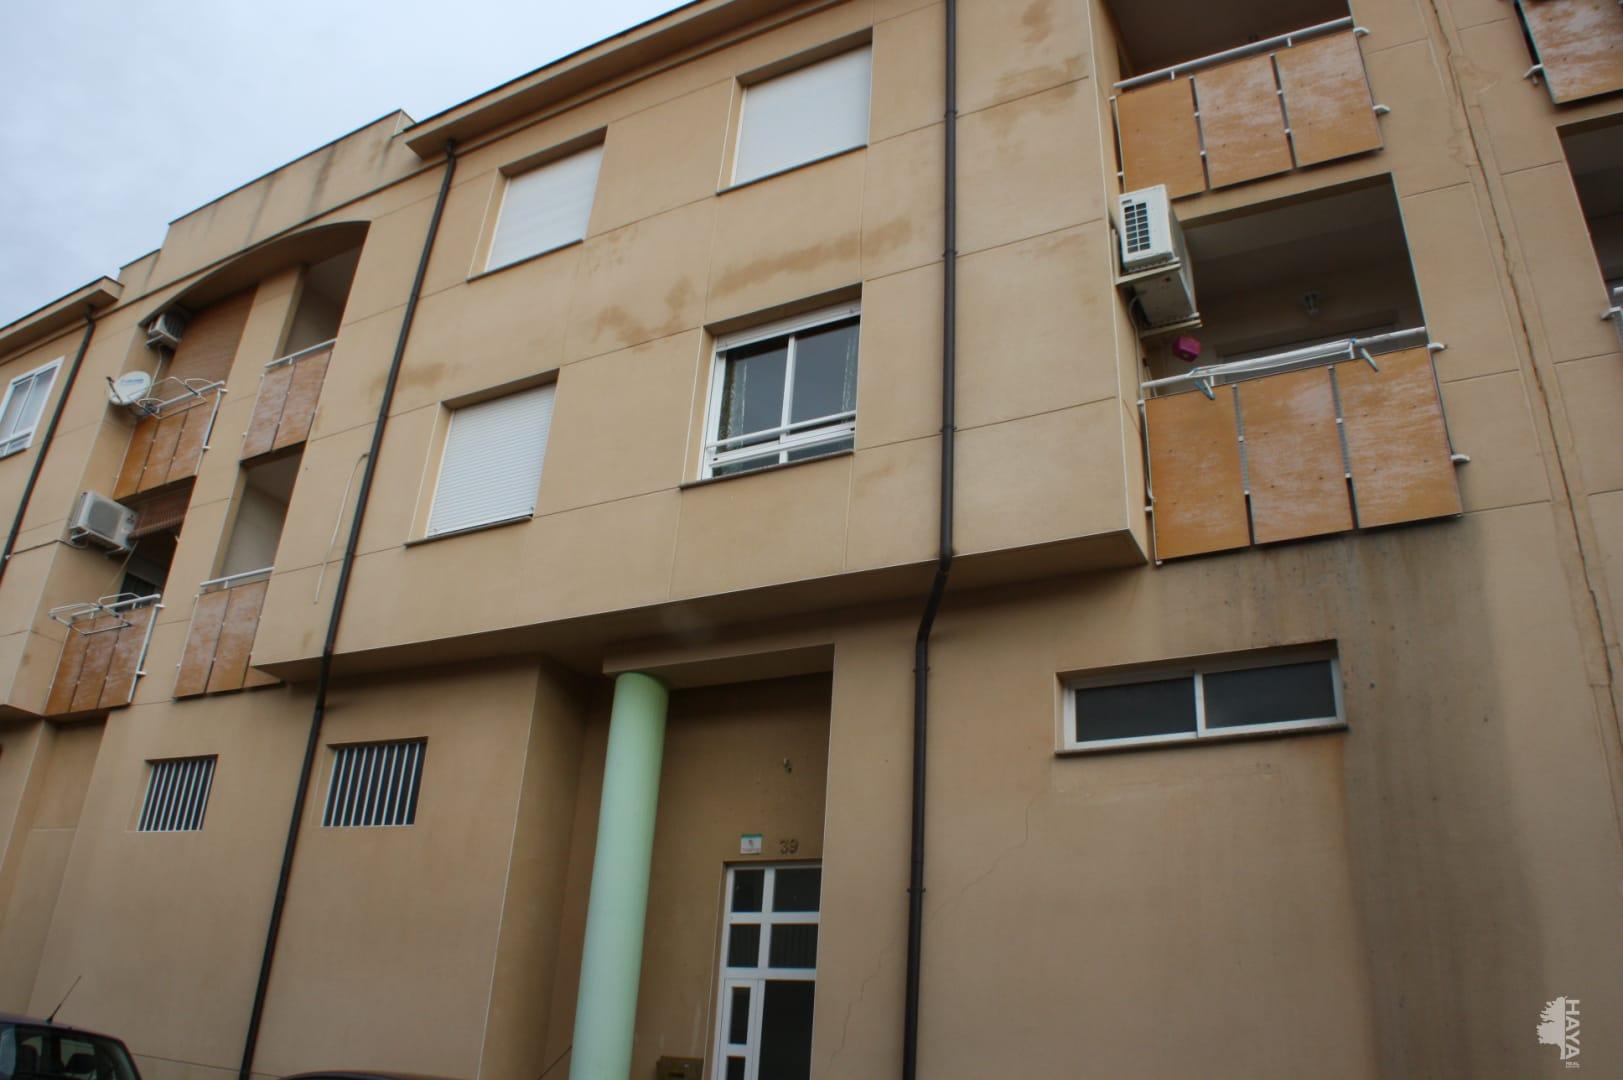 Piso en venta en Moraleja, Cáceres, Calle Muñoz Grande, 82.200 €, 3 habitaciones, 2 baños, 86 m2